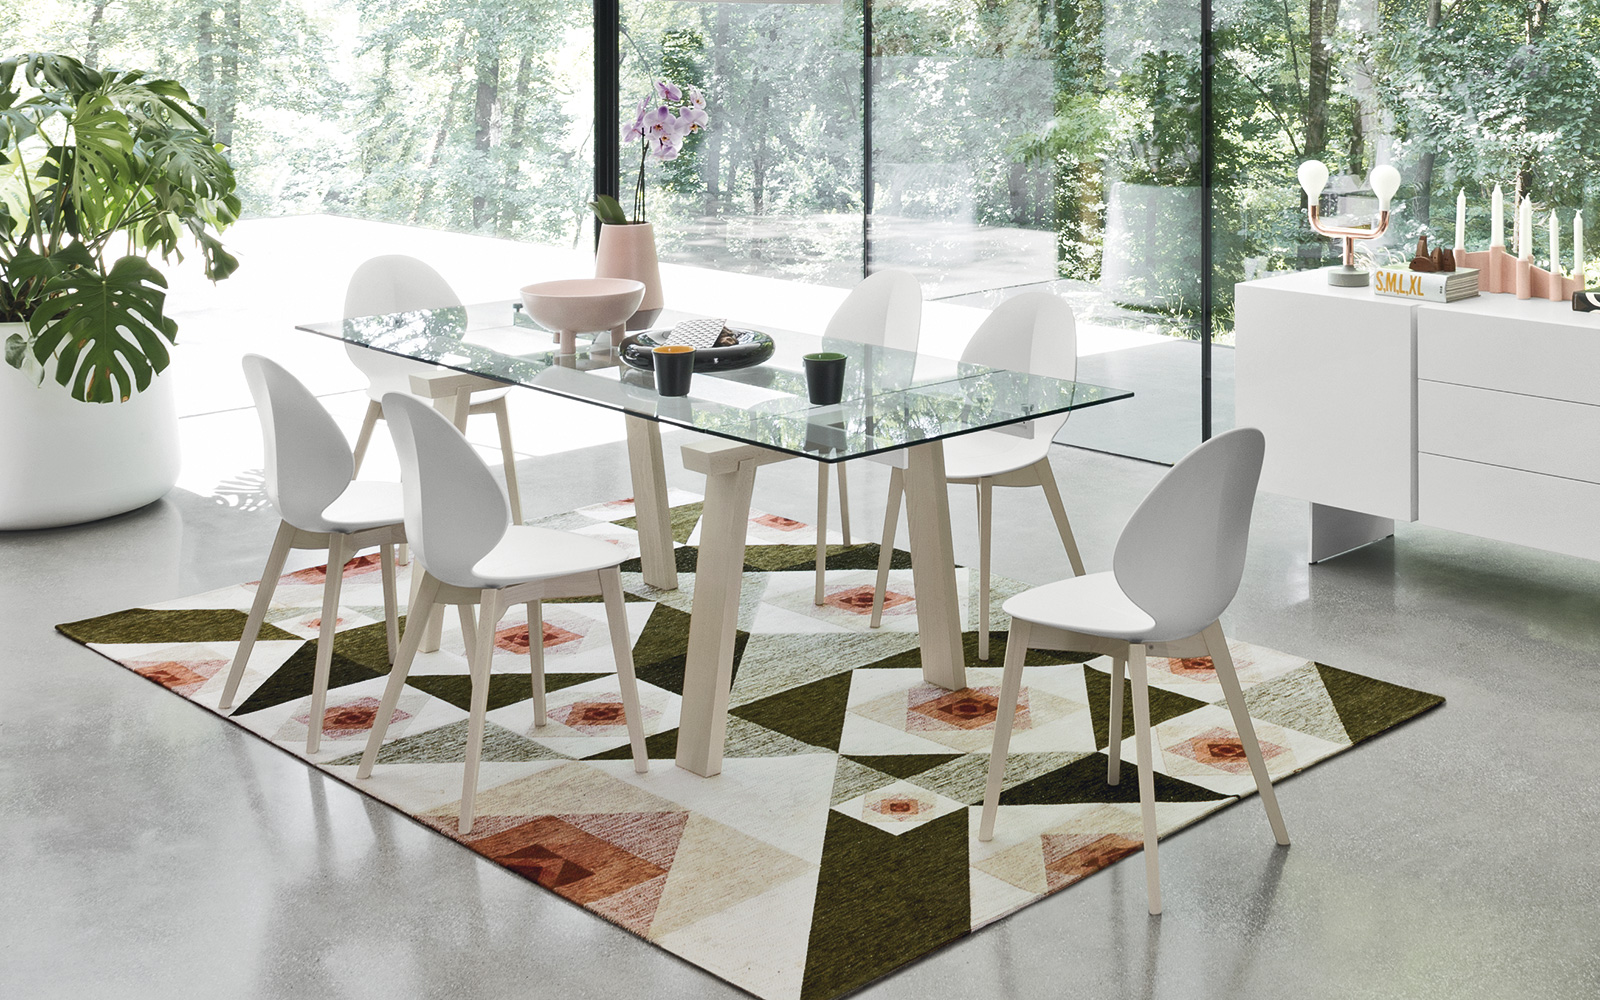 Tutta la nuova collezione di tavoli Calligaris 2017 da Domus Arredi ...